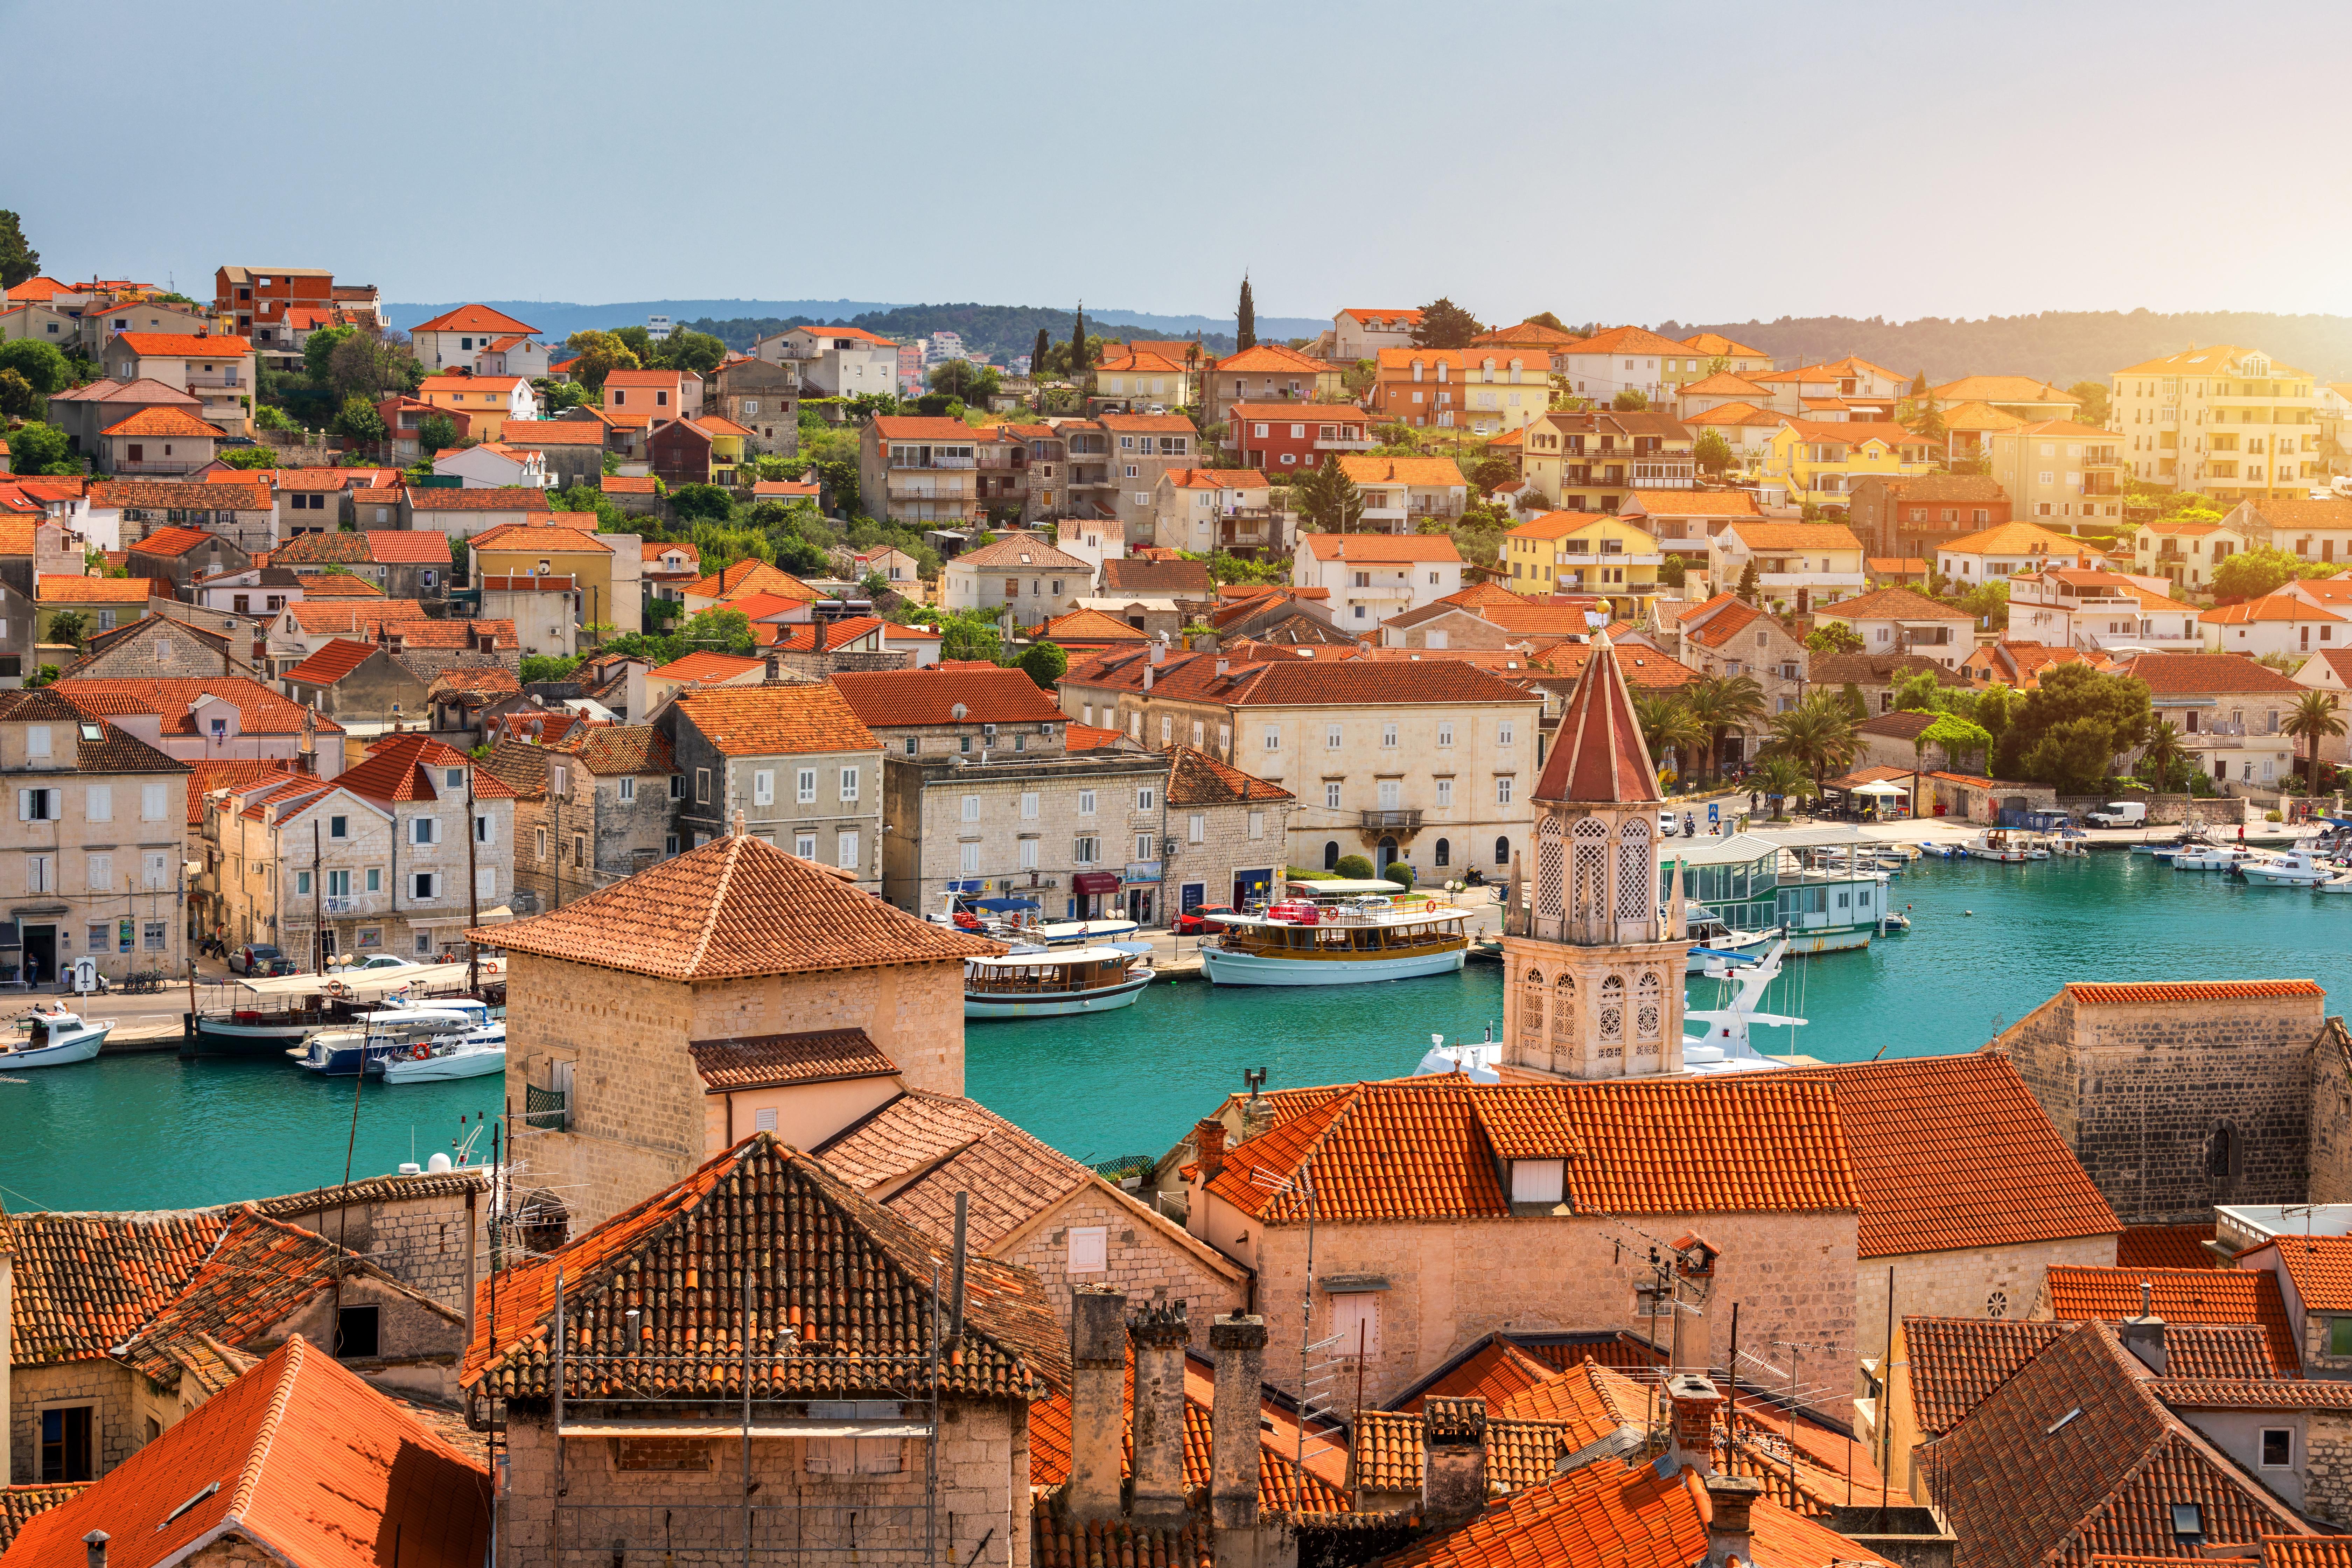 Хорватский город Трогир, недвижимость в котором могут купить иностранцы